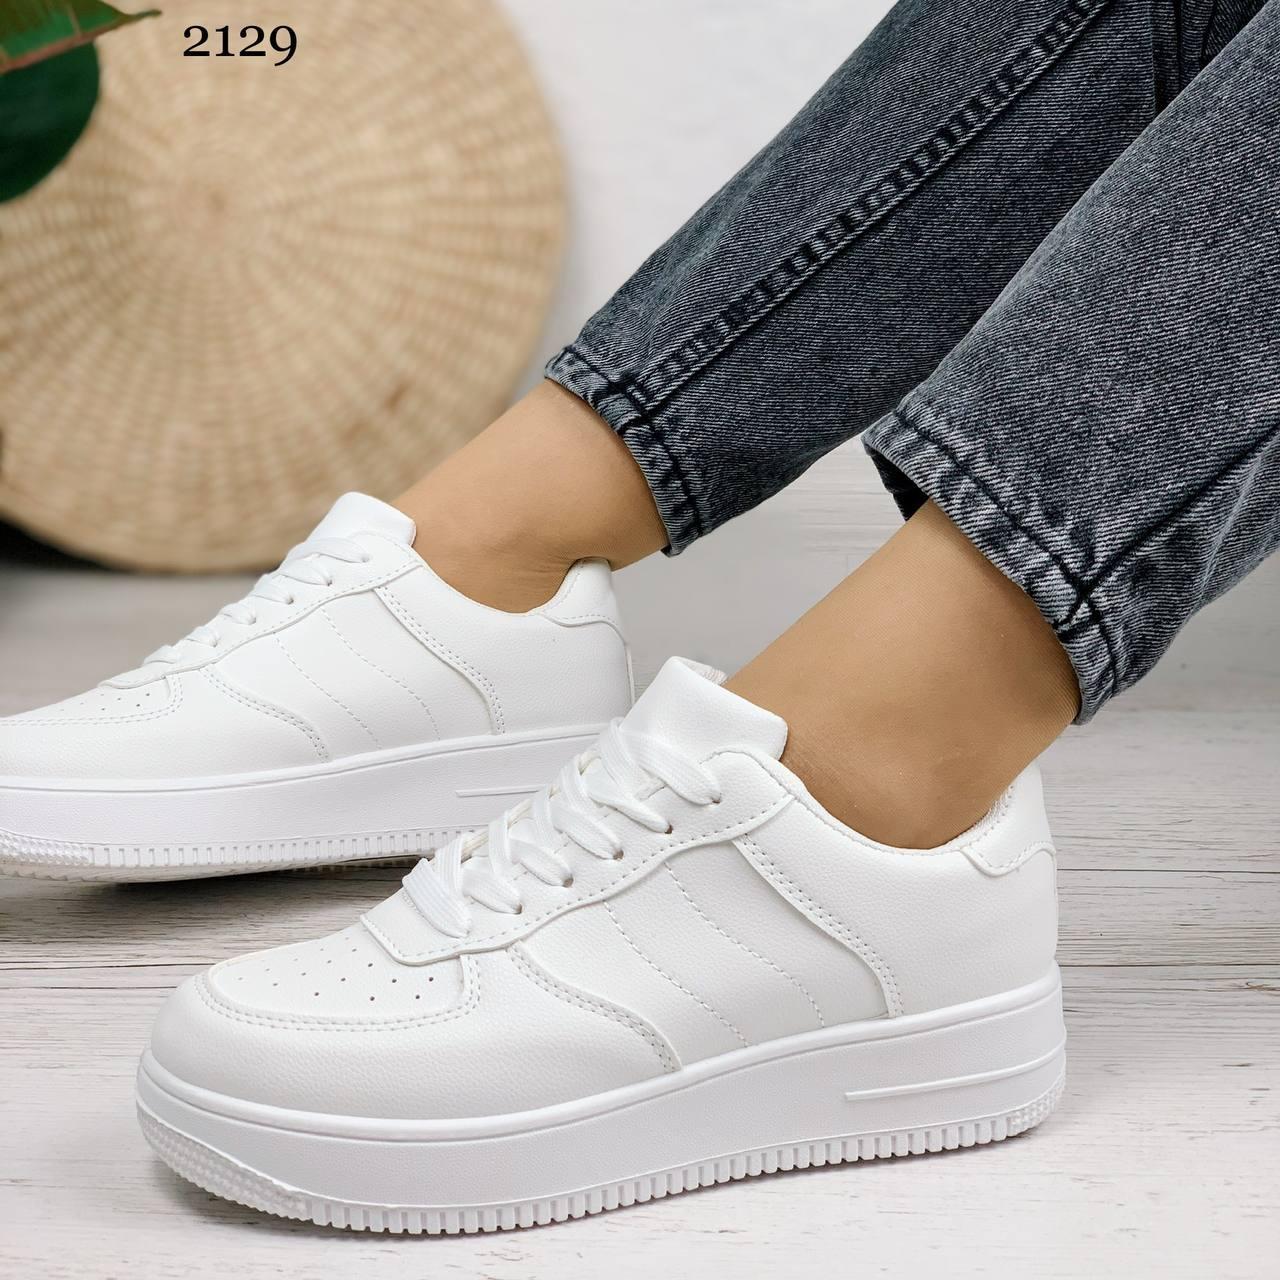 Женские кроссовки белые эко-кожа